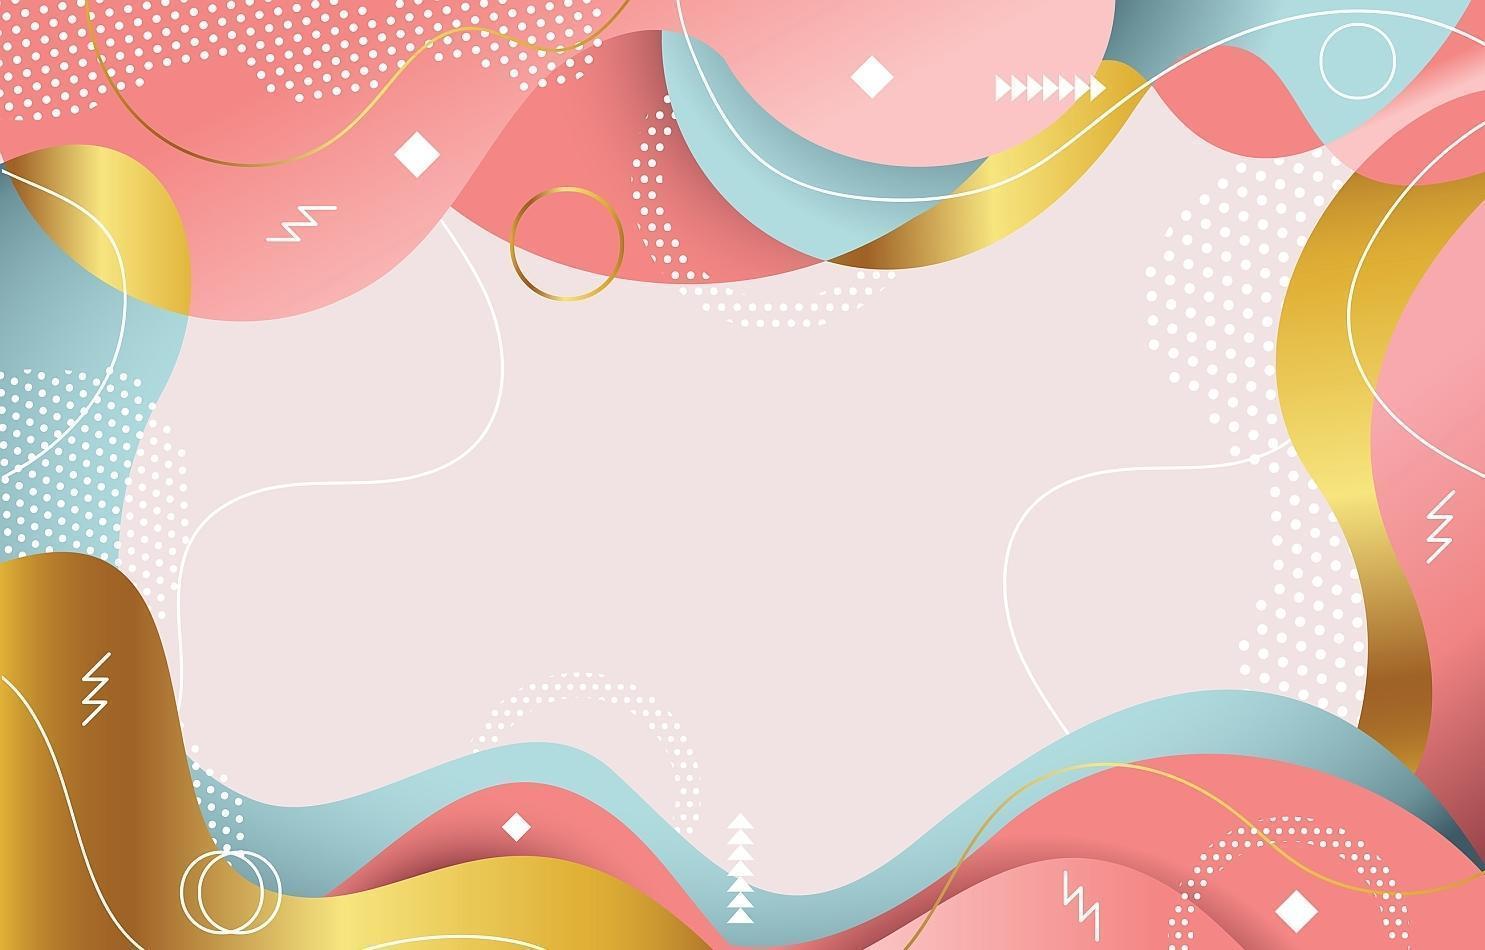 fond de memphis abstrait plat de couleur douce vecteur